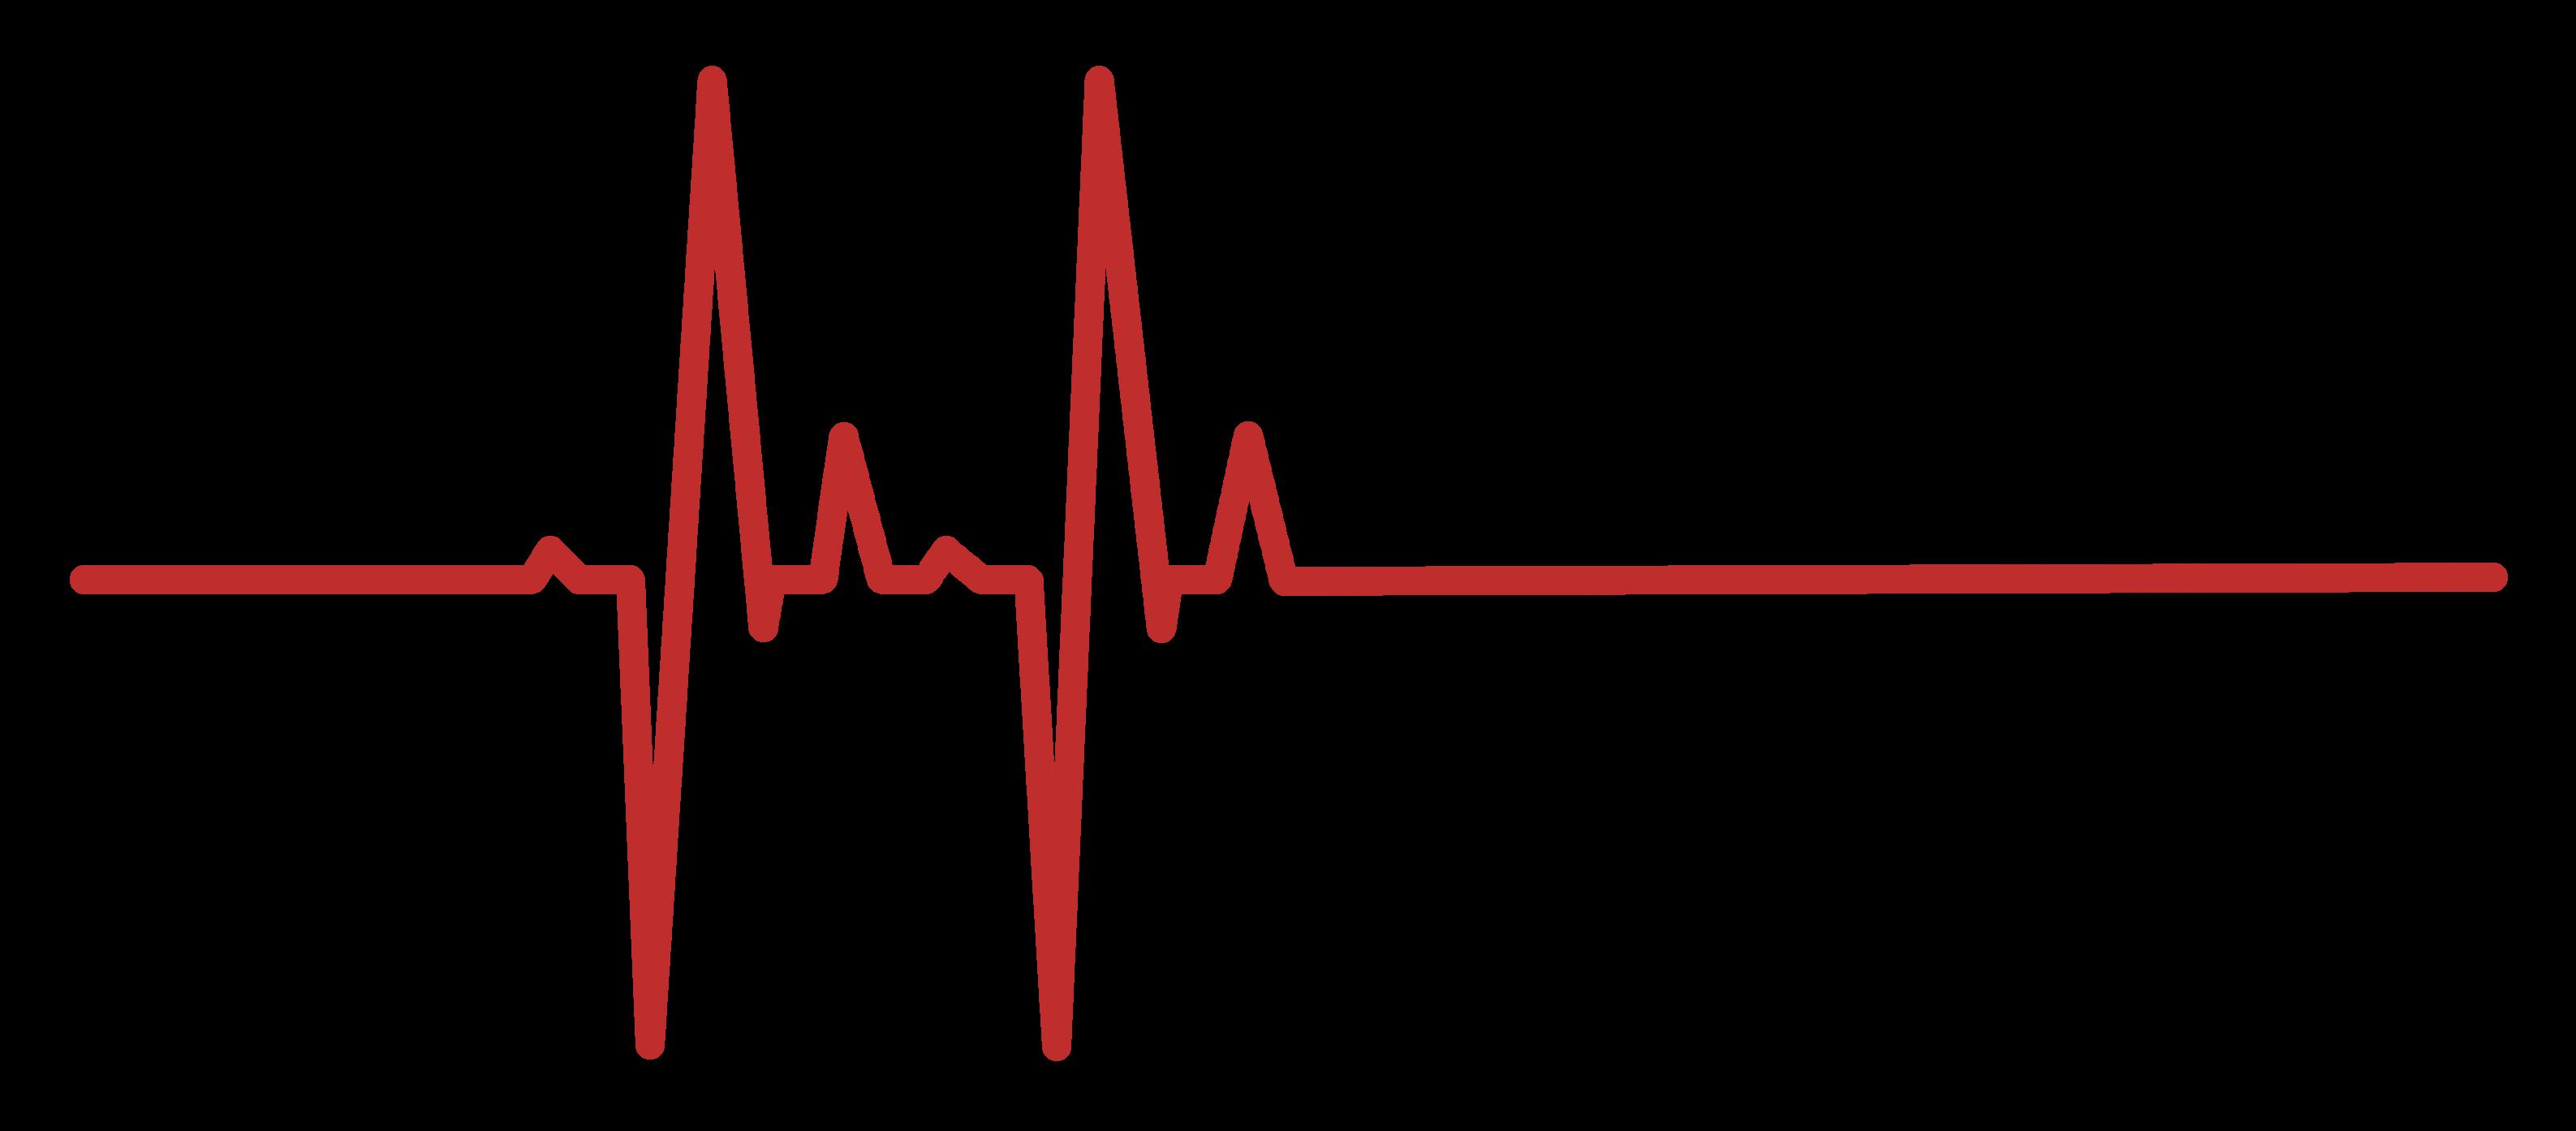 Heartbeat-Line